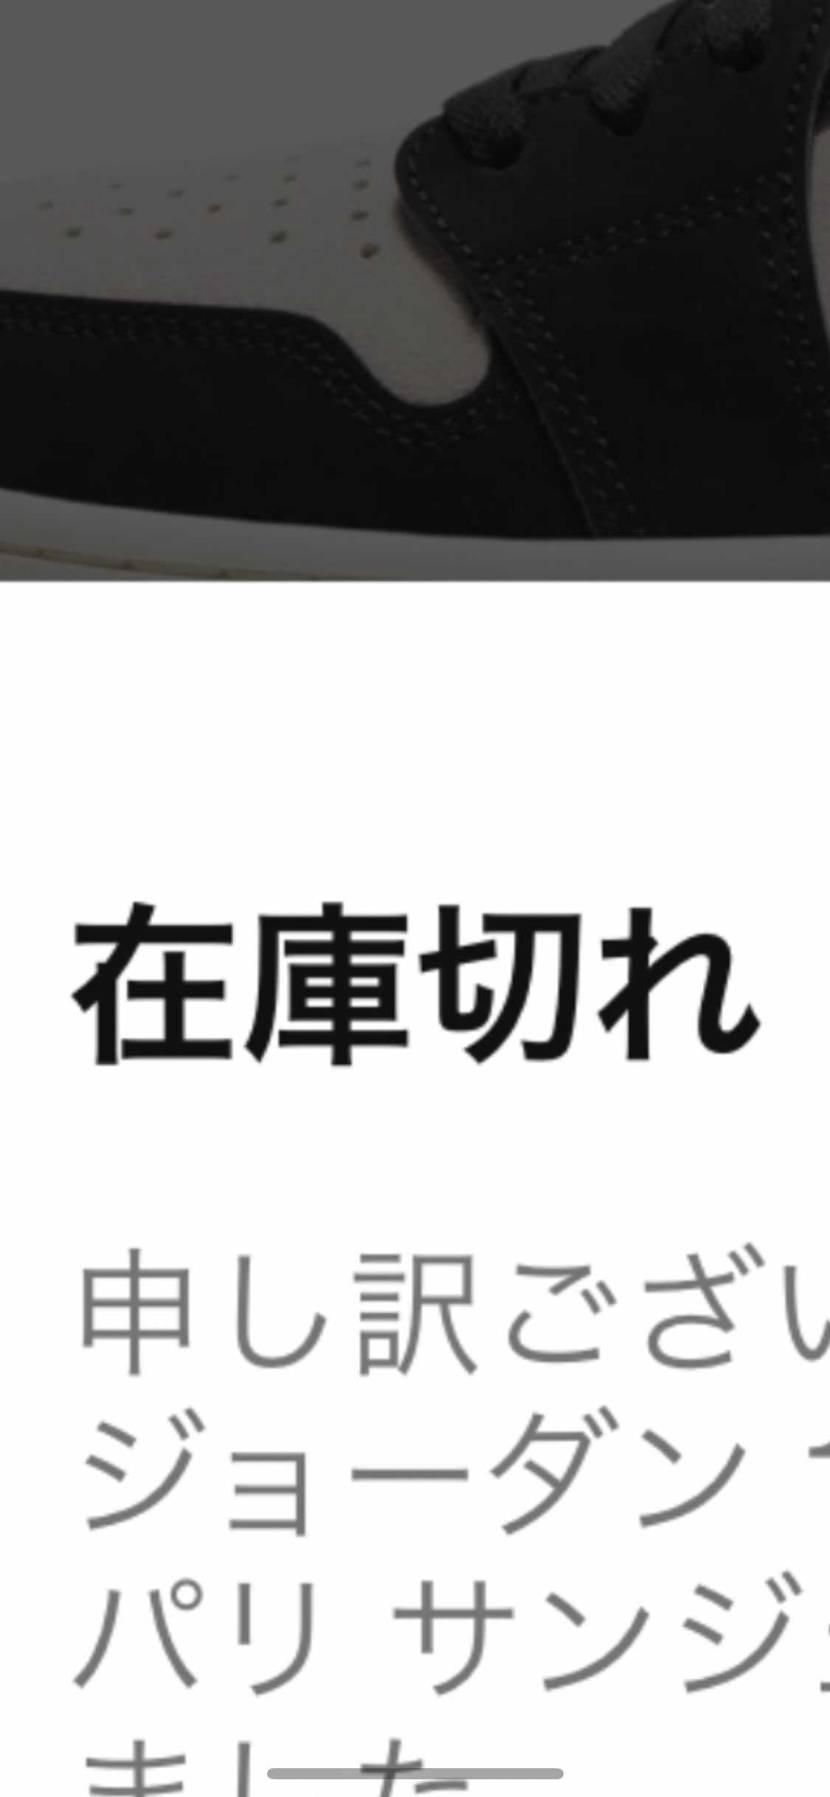 はいはい幻♪ ❎行って来ま〜す… #nike #スニーカー好き #airjo